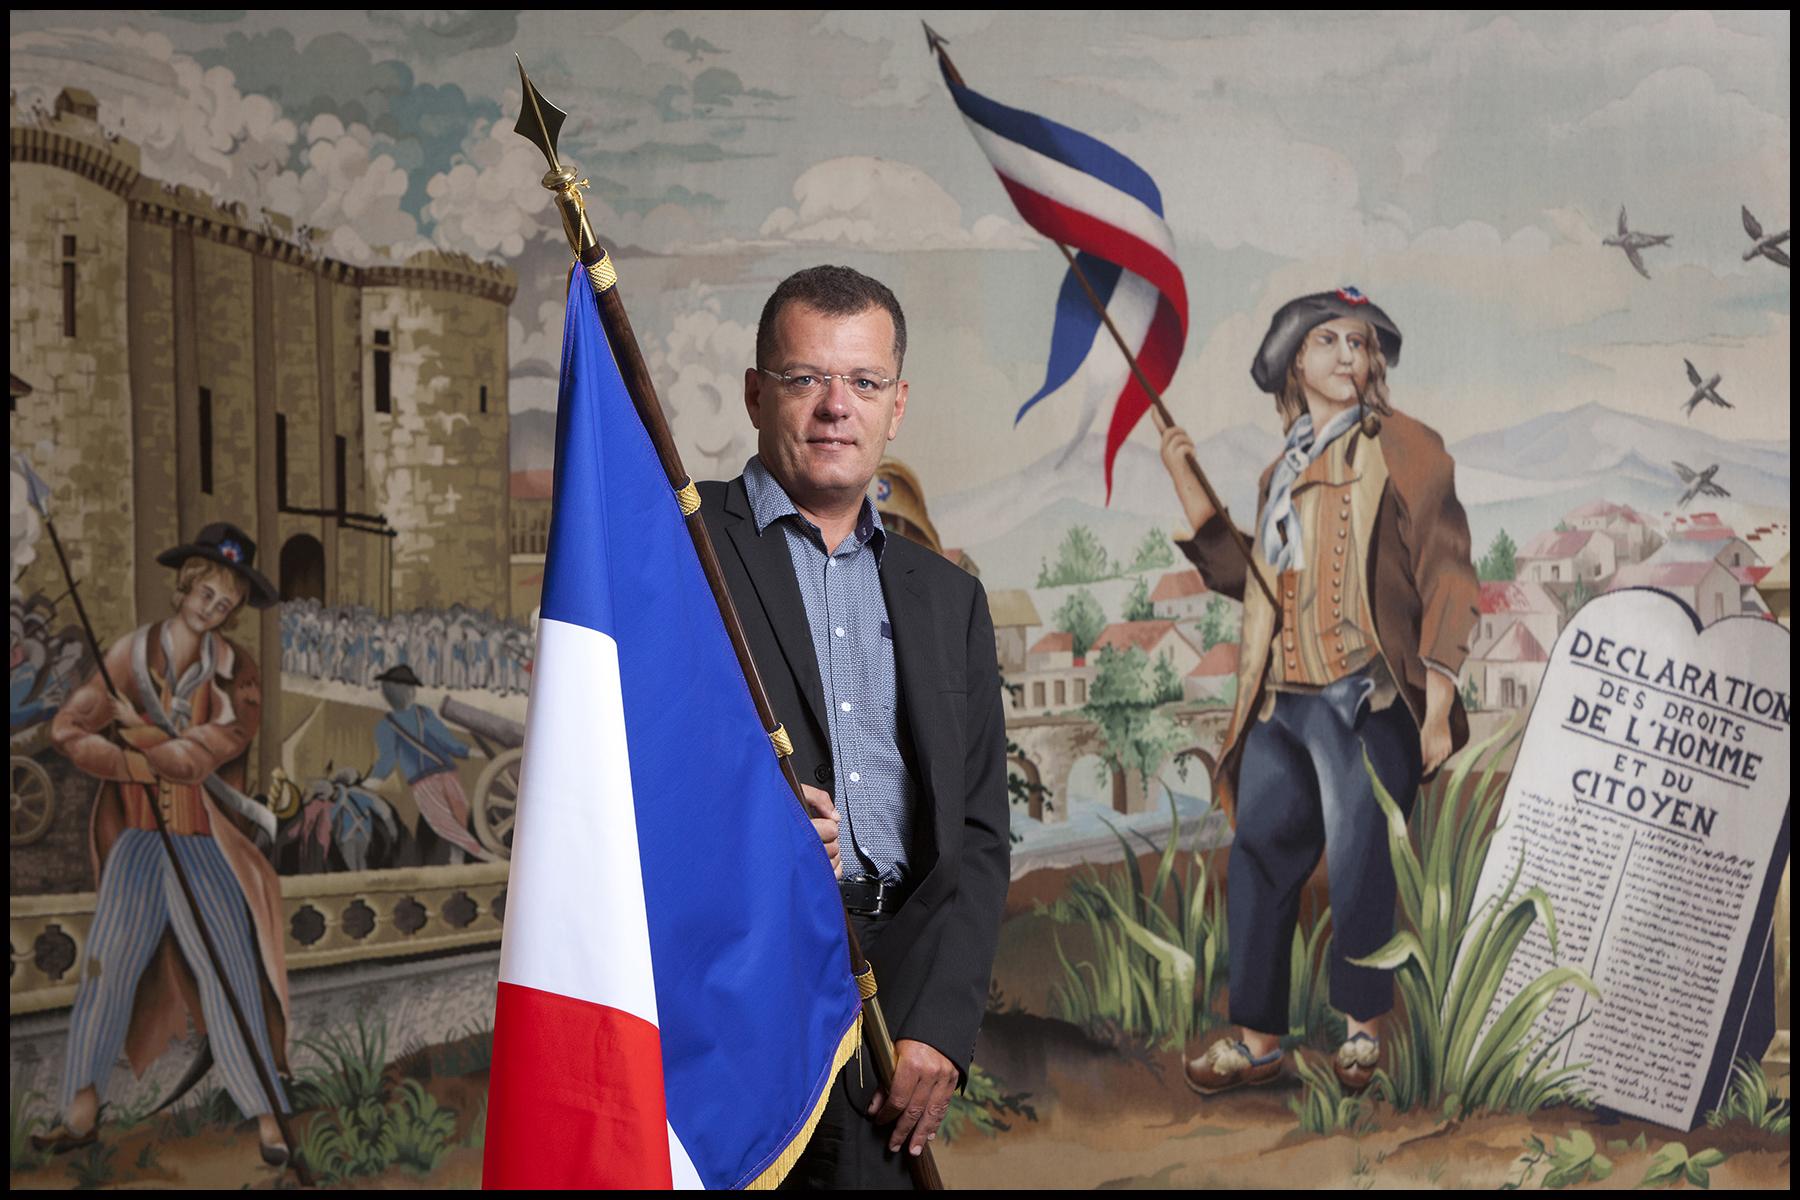 Les Francais dans l'Objectif